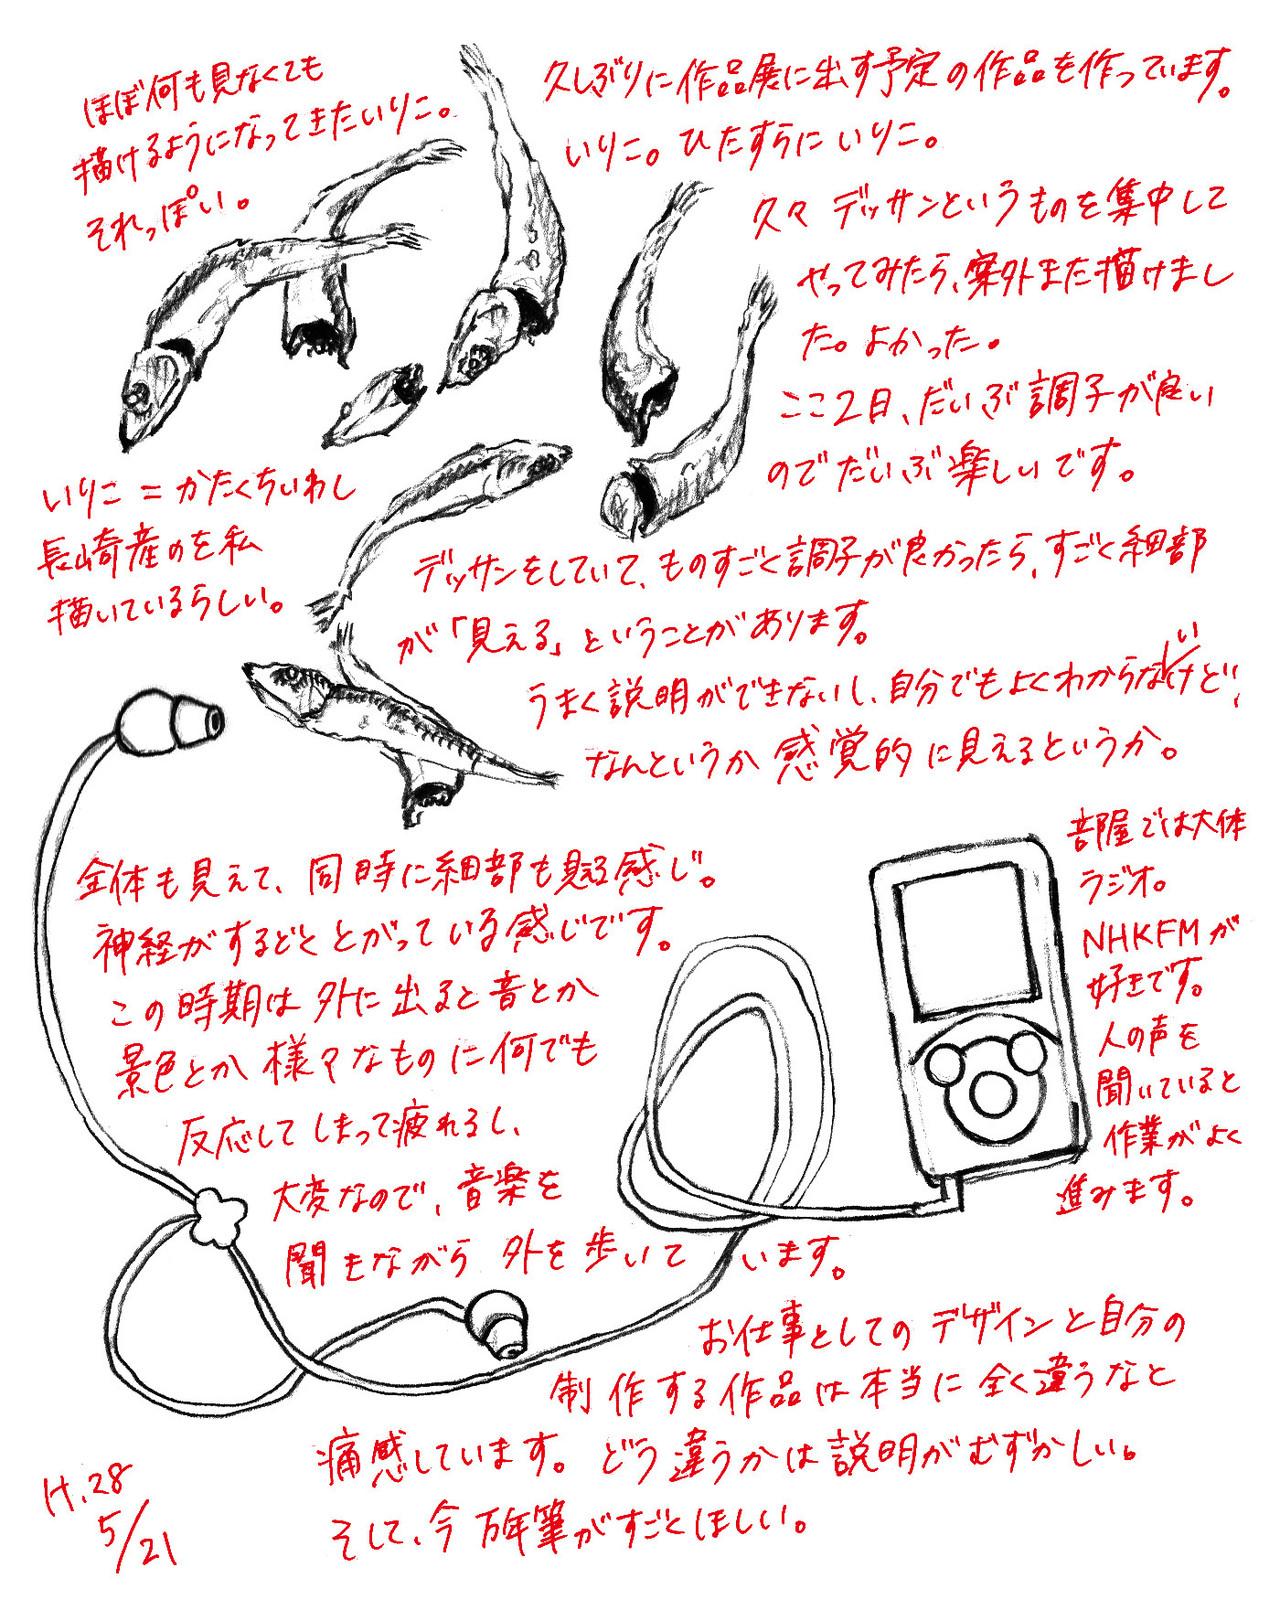 f:id:hikikoma:20160621091425j:plain